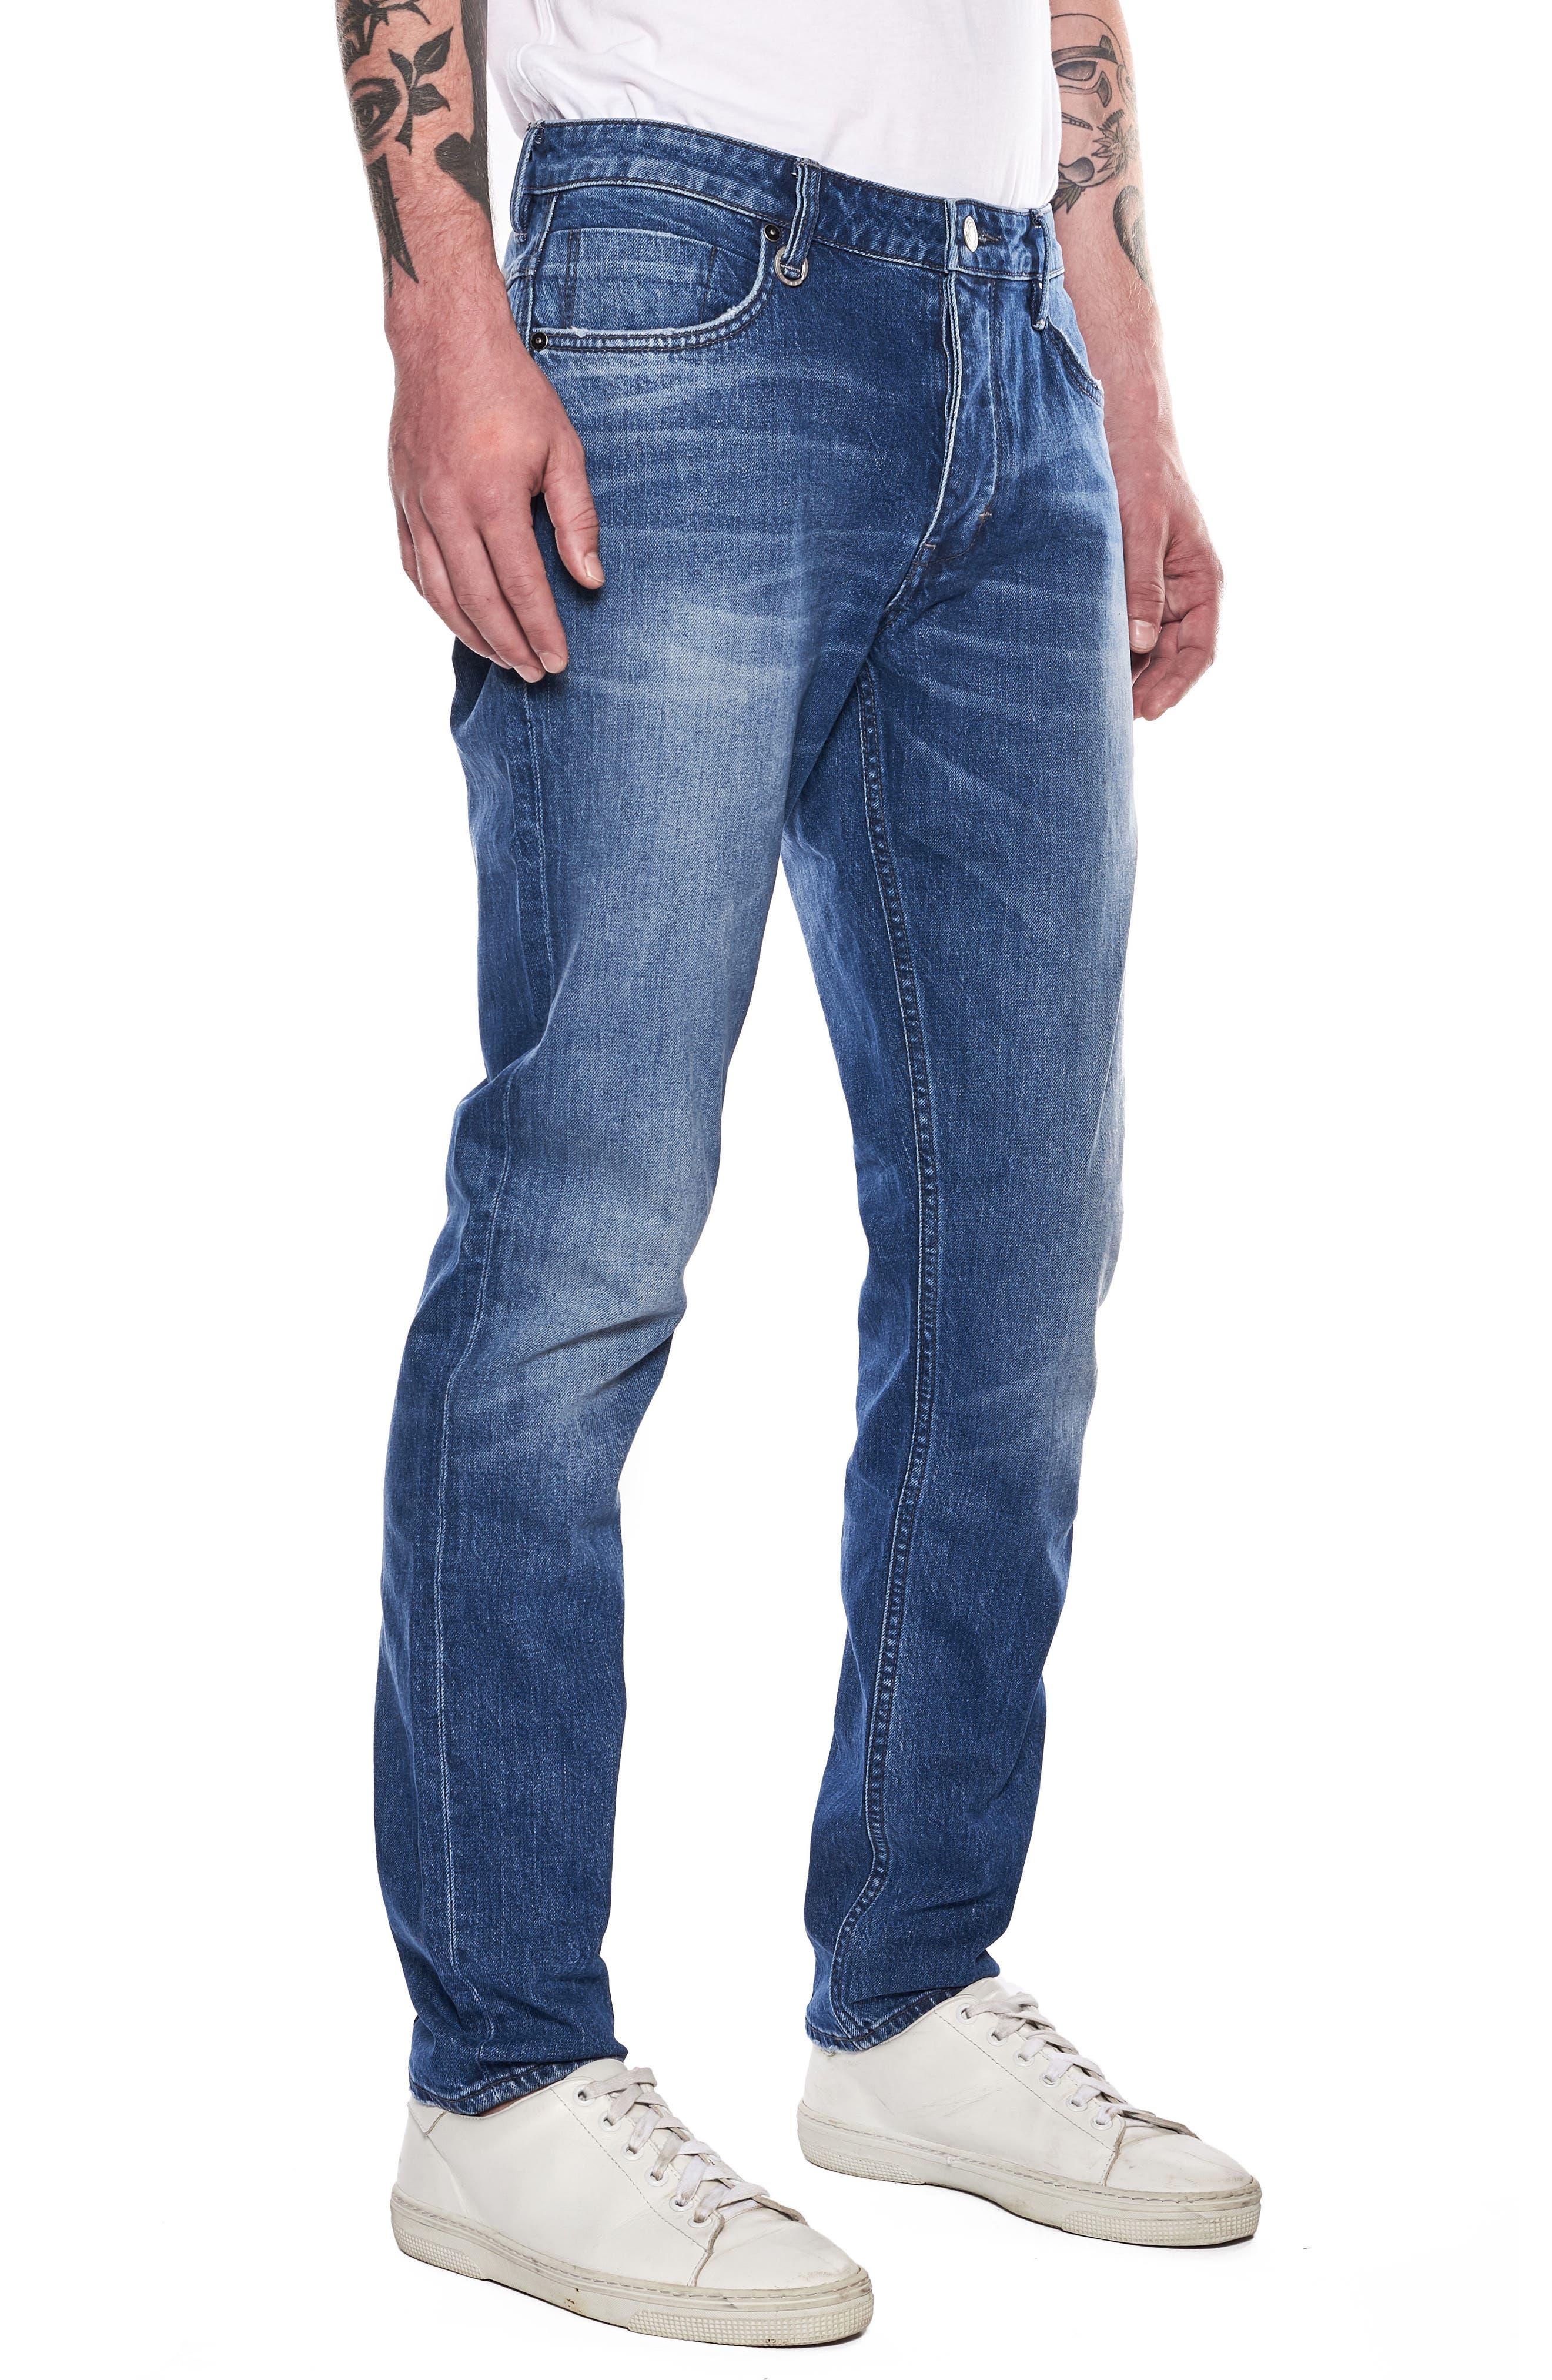 Lou Slim Fit Jeans,                             Alternate thumbnail 3, color,                             Club